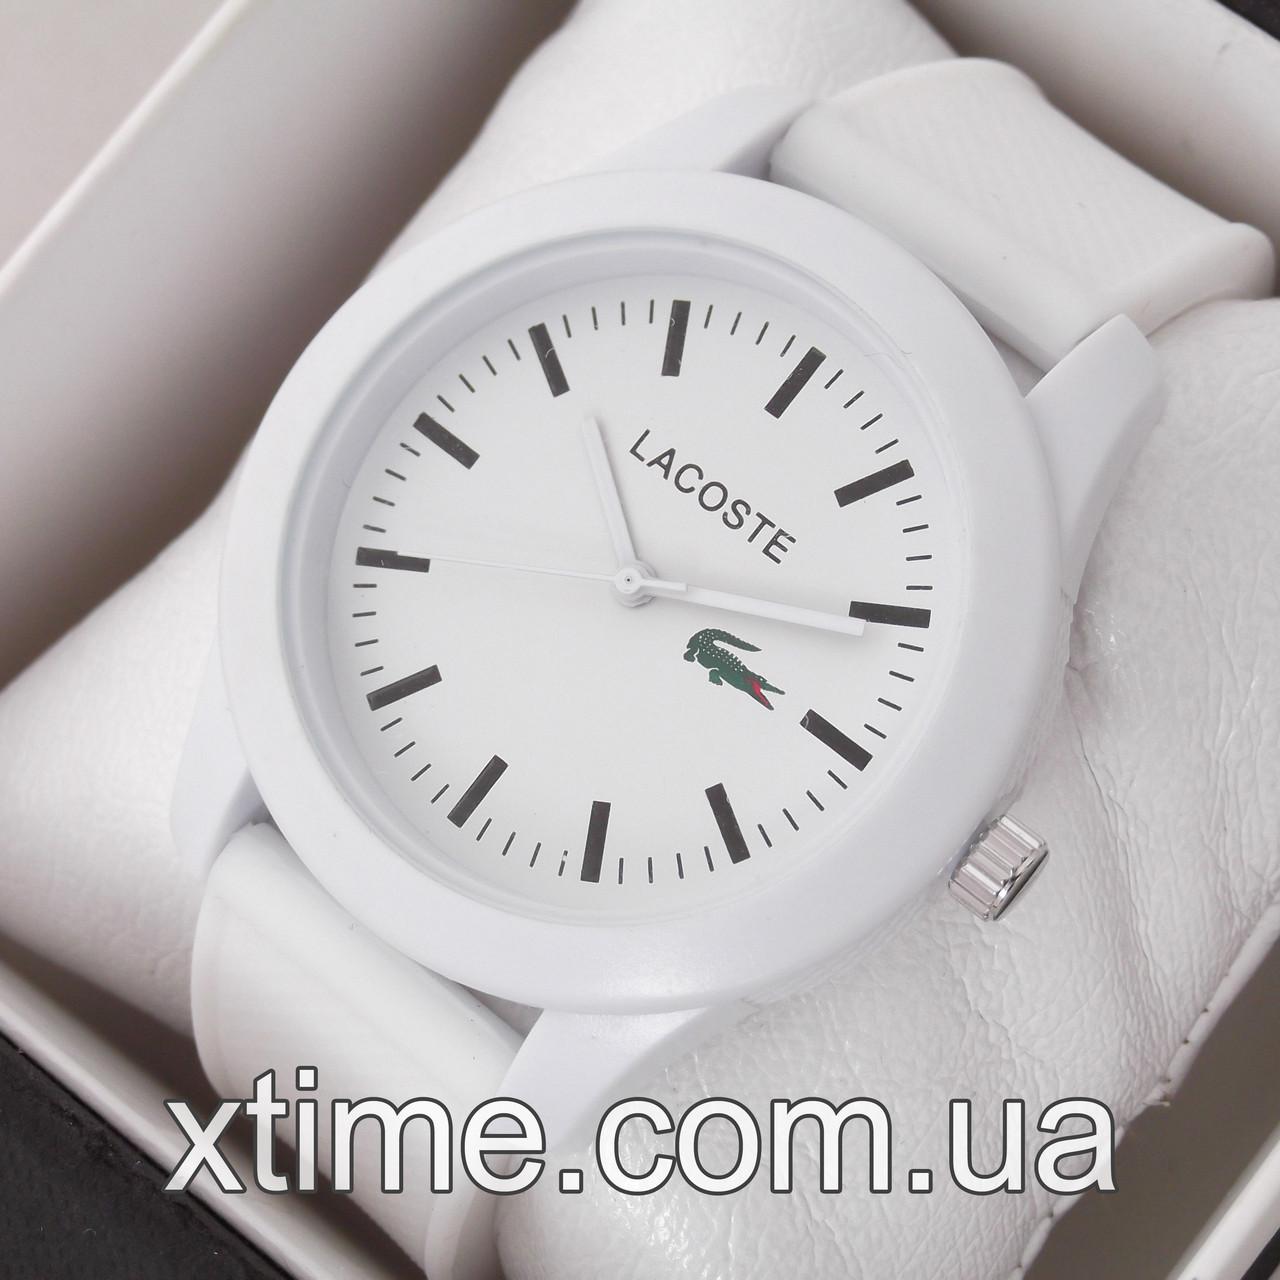 c6e88049 Унисекс наручные часы Lacoste M161, цена 290 грн., купить в Харькове ...